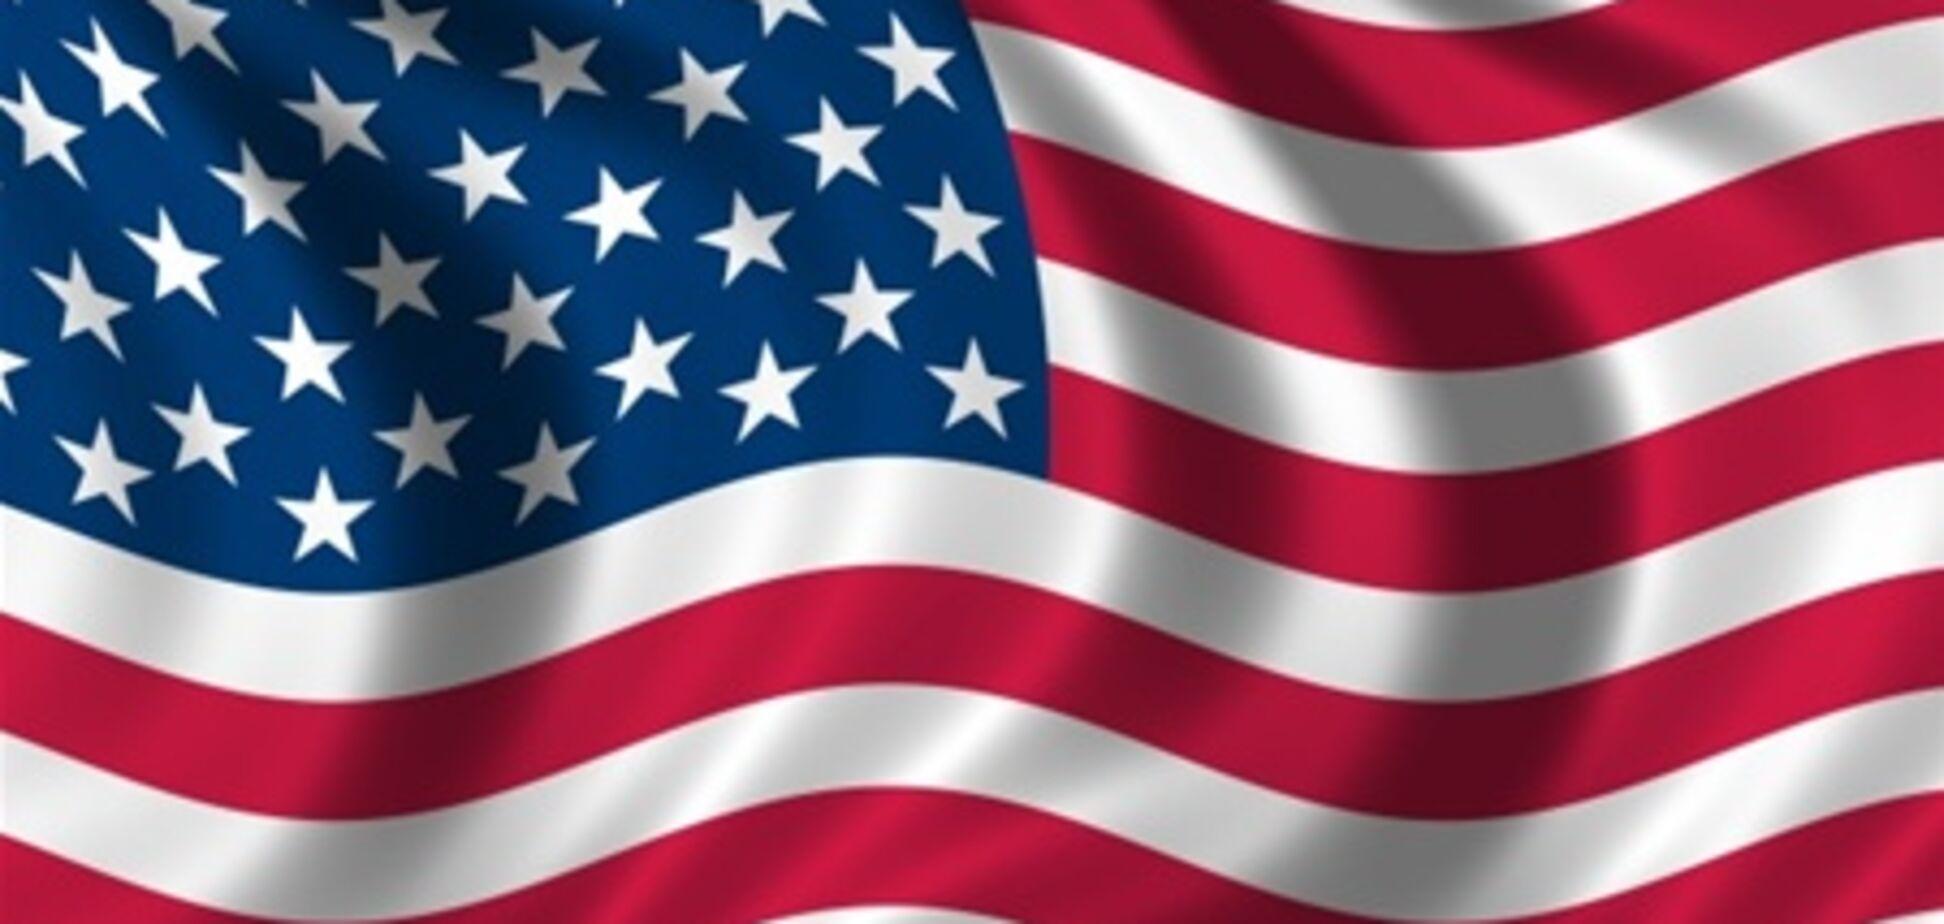 США назвали следующую страну-мишень для введения демократии